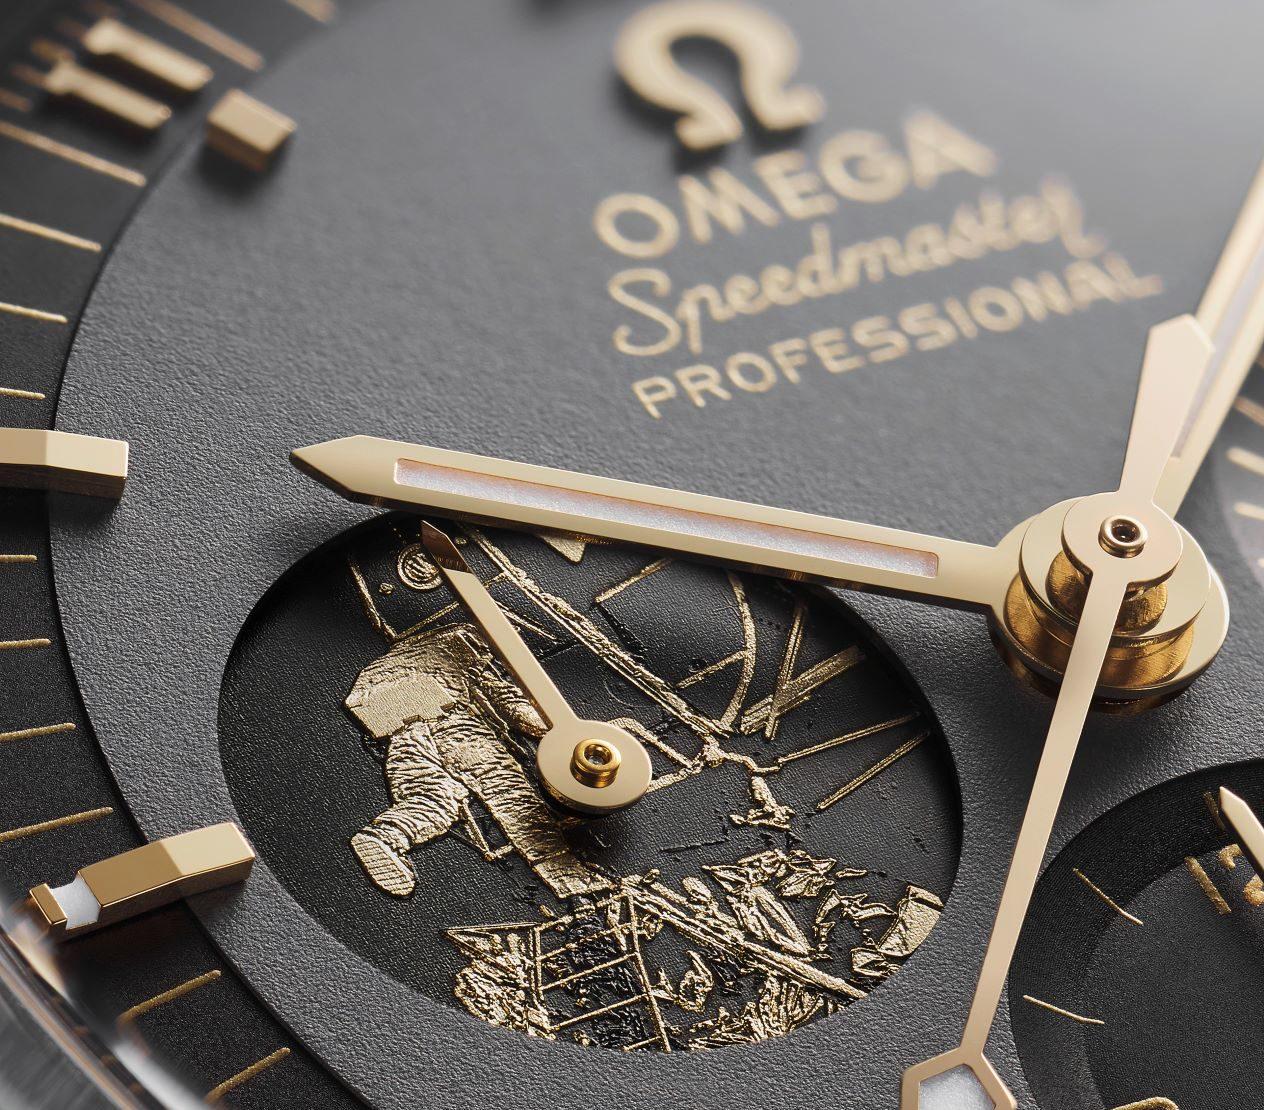 Omega speedmaster limited edition 50